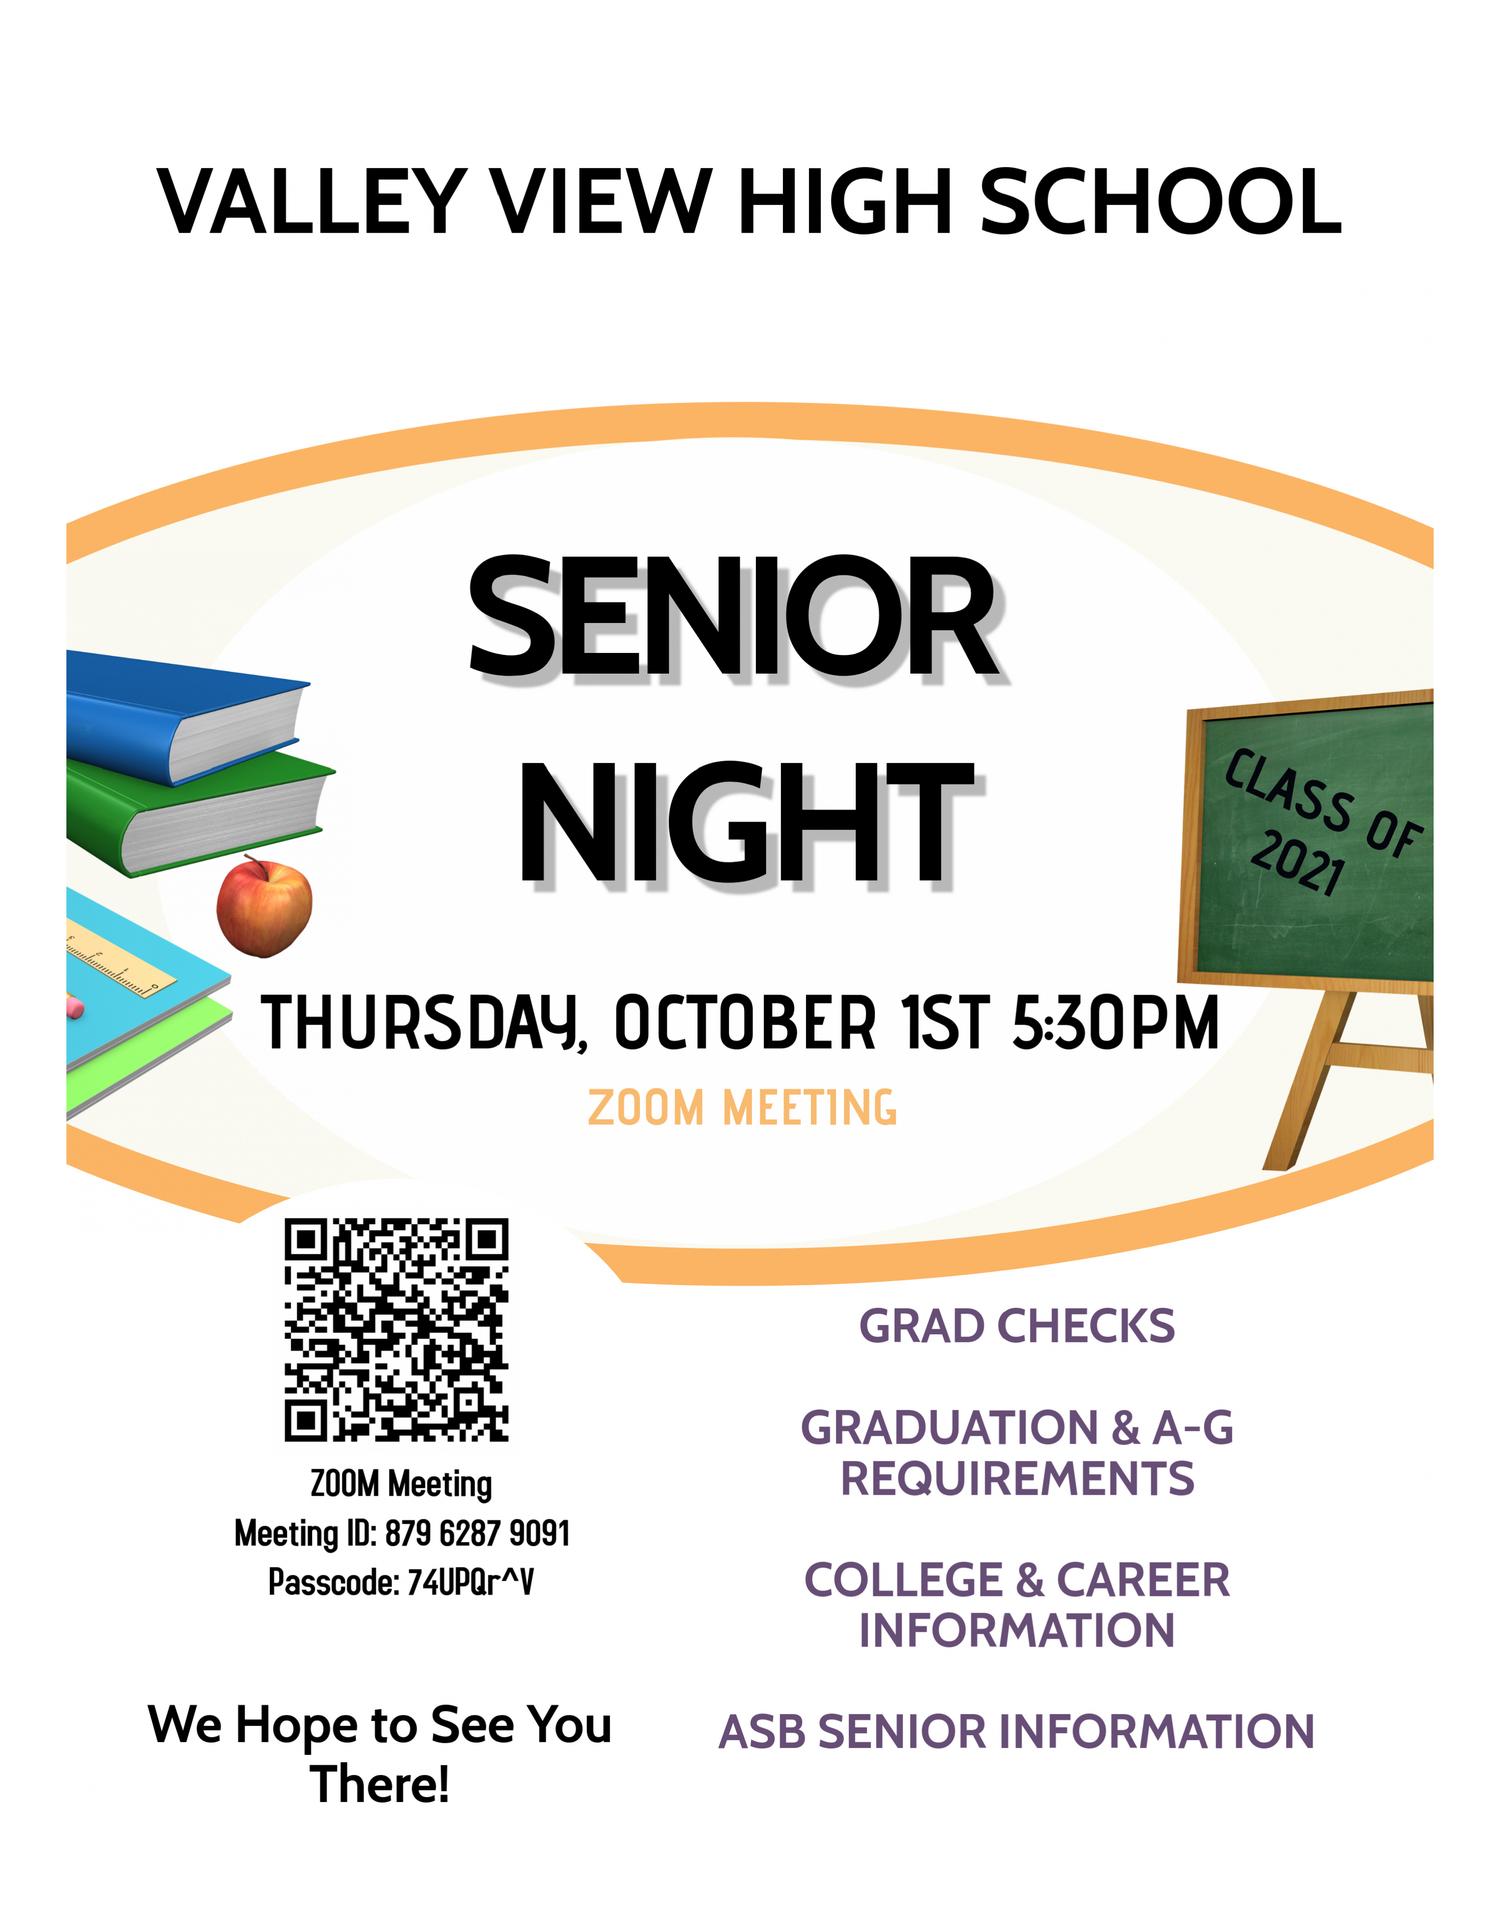 Senior Night Information